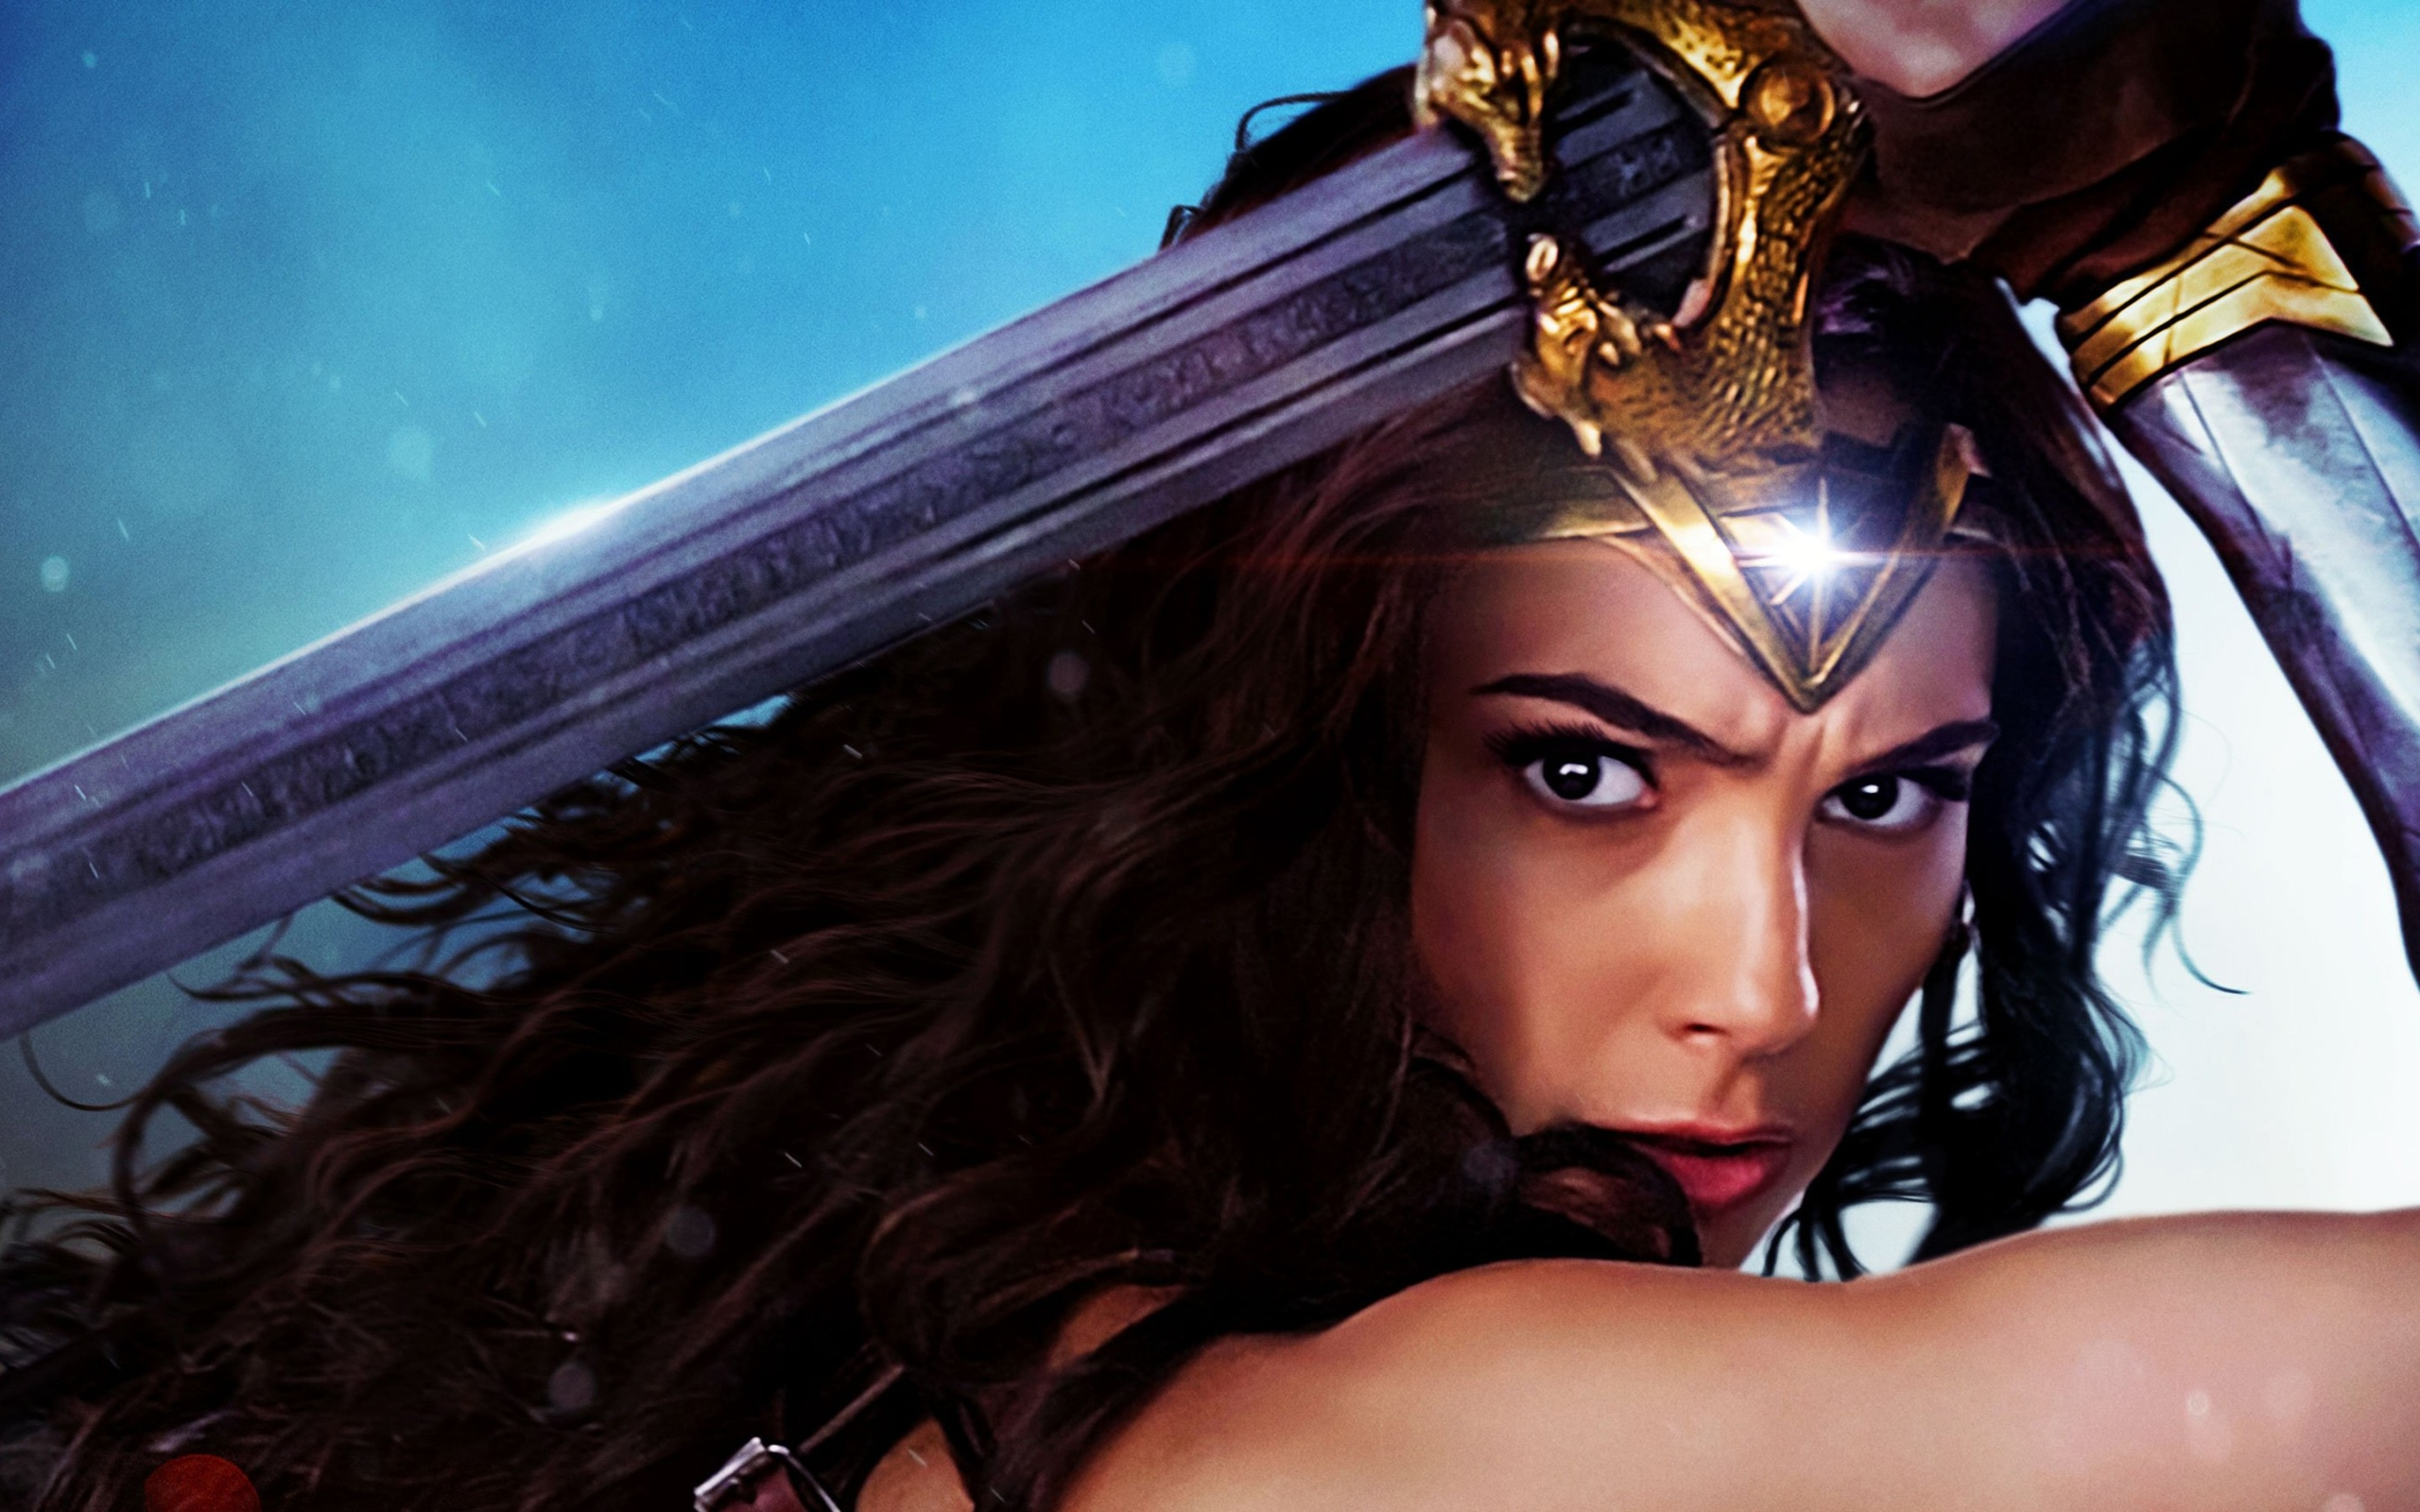 Filmes baseados em quadrinhos de super heroínas dirigidos por mulheres 13